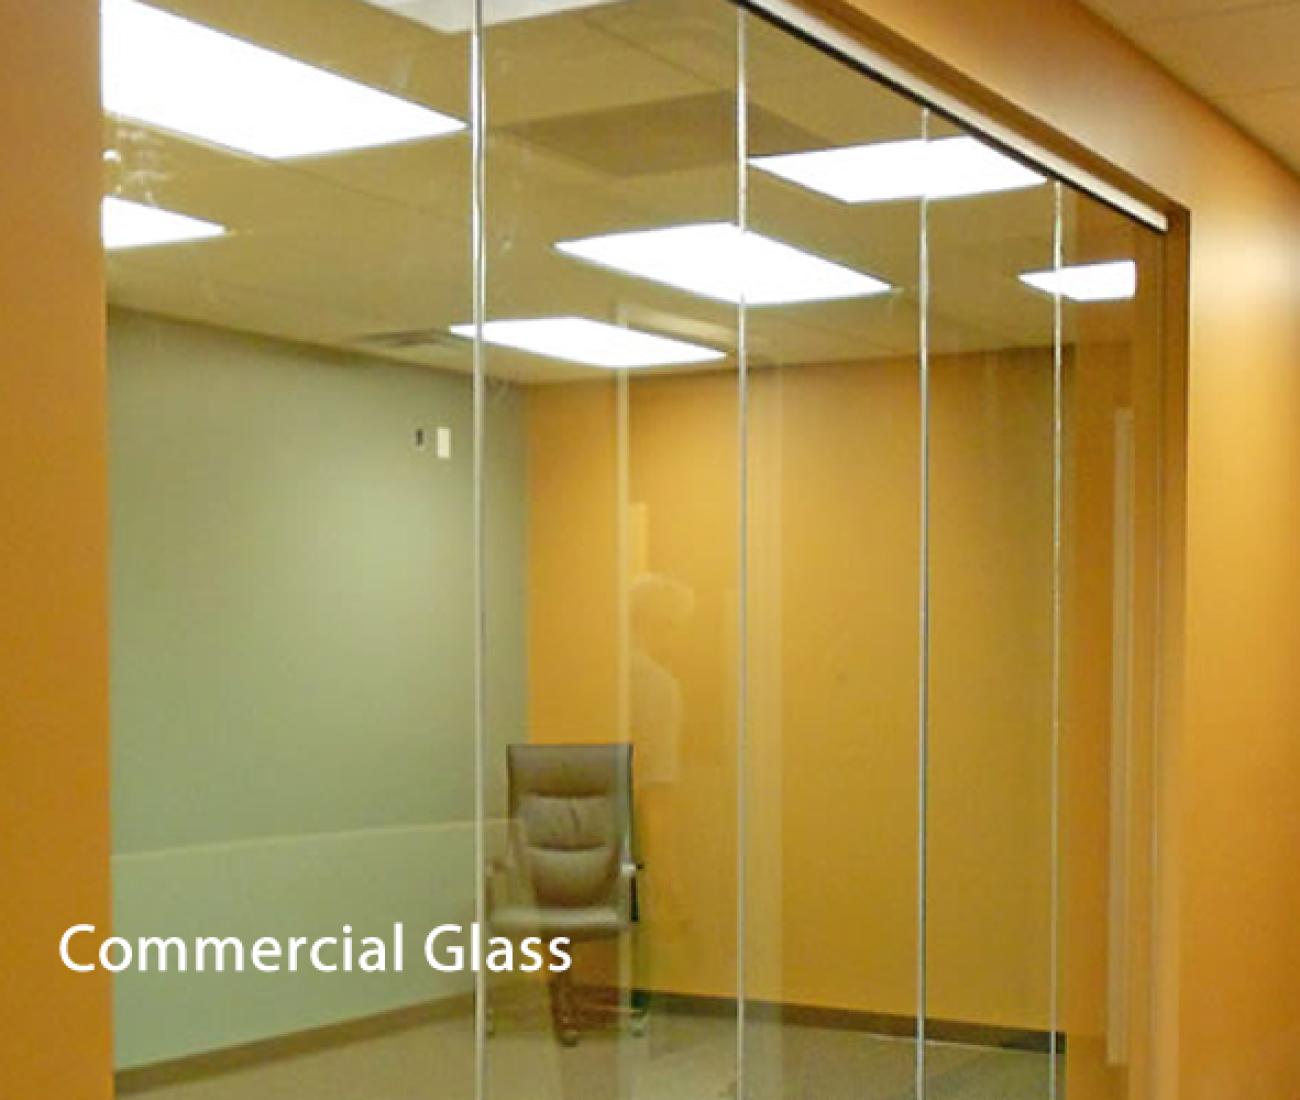 commercialglass-1300x1100.jpg